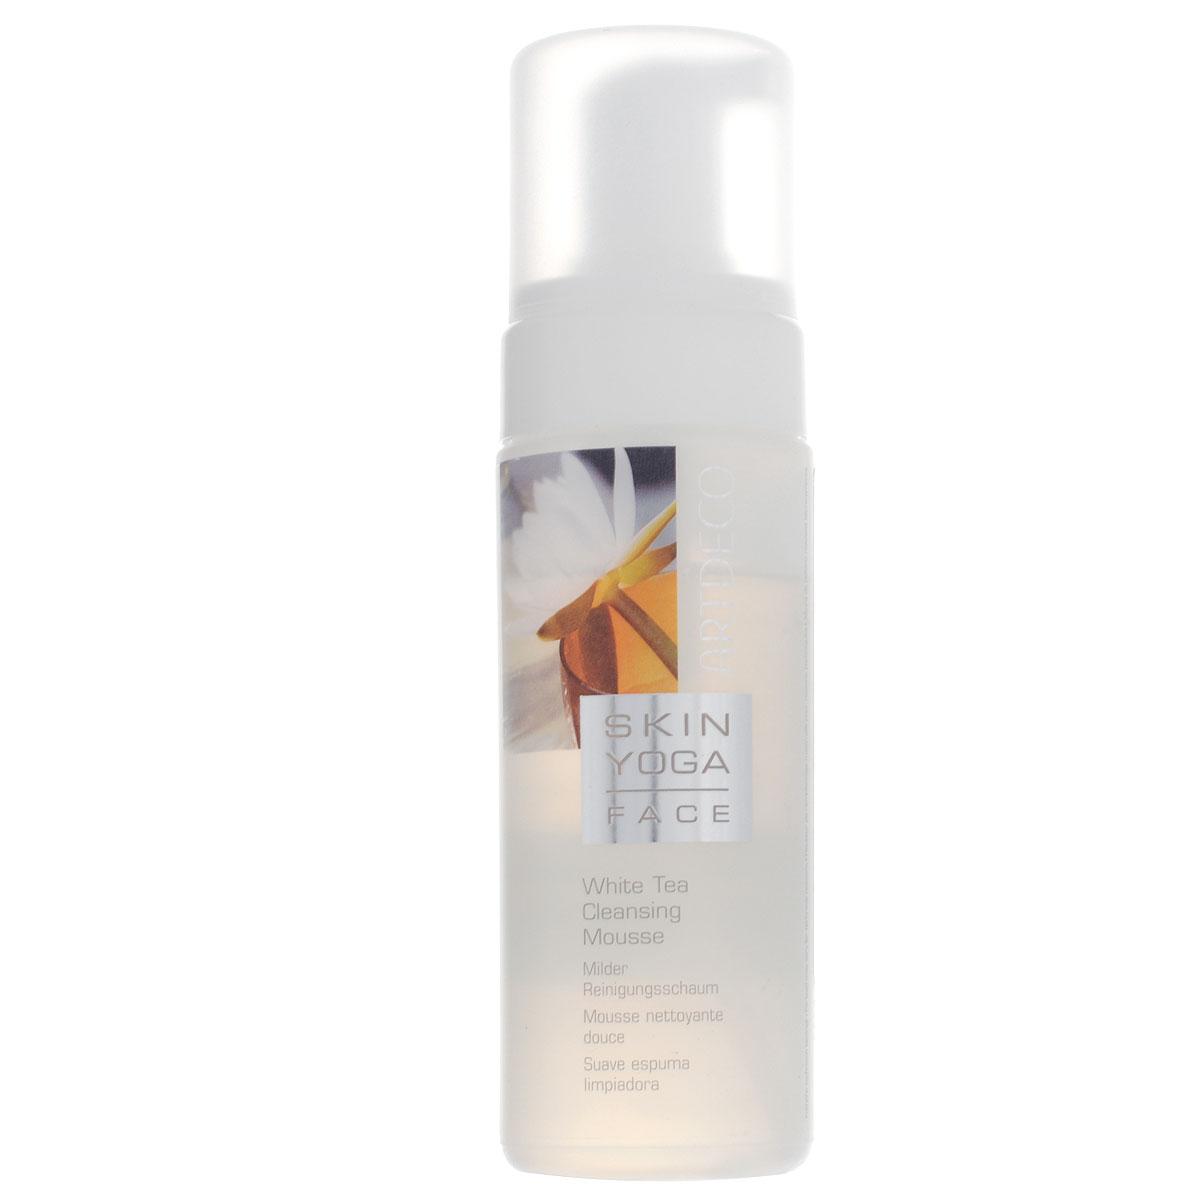 Artdeco Пенка для умывания Skin Yoga, с экстрактом белого чая, 150 мл6401Пенка для умывания Artdeco Skin Yoga - это мягкая, как взбитые сливки пена. Средство тщательно и очень бережно снимает макияж, не высушивая кожу. Кожа становится чистой и гладкой и уже в процессе очищения получает уход. Активный компонент Oxyvital повышает уровень поглощения кислорода клетками кожи, а экстракт белого чая увлажняет и успокаивает кожу. Подходит для всех типов кожи. Товар сертифицирован.